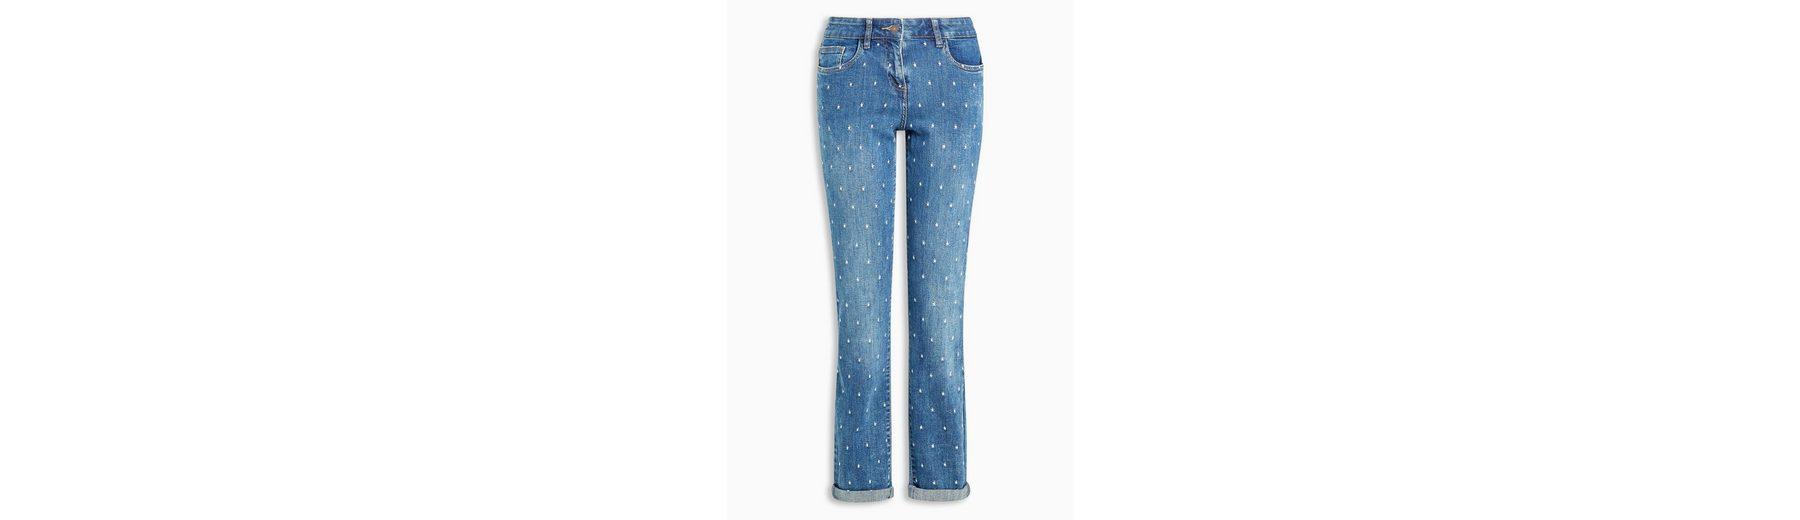 Günstig Kaufen Outlet-Store Besuchen Neue Next Legere Skinny-Jeans mit Stickereien Authentischer Online-Verkauf Besuchen Zu Verkaufen Verkauf Online-Shopping AssrL9